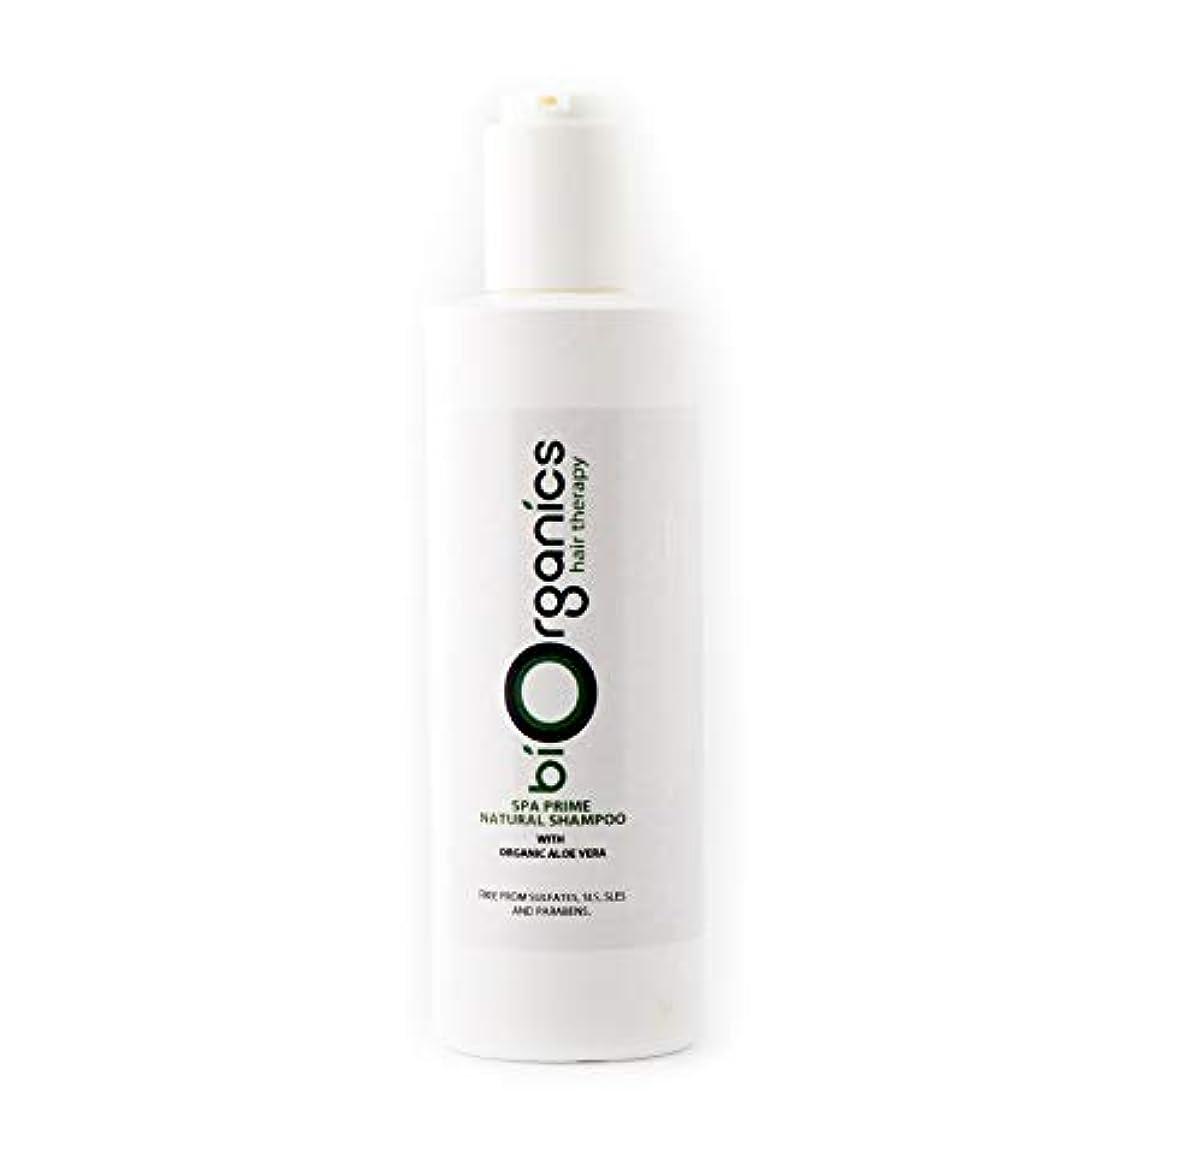 枯れる背景論争Biorganics Natural Shampoo - 250g